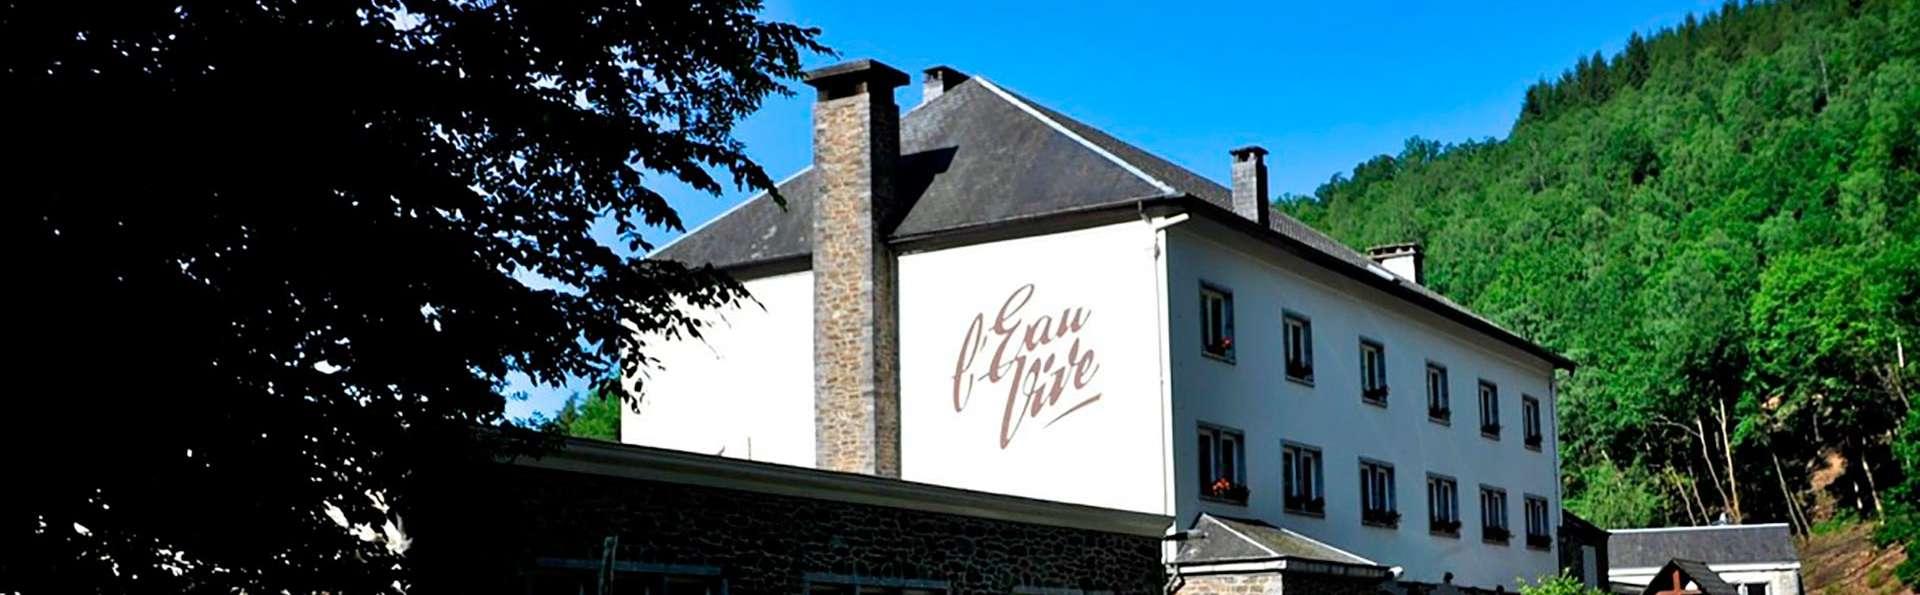 Hotel Restaurant L'Eau Vive - EDIT_front2.jpg